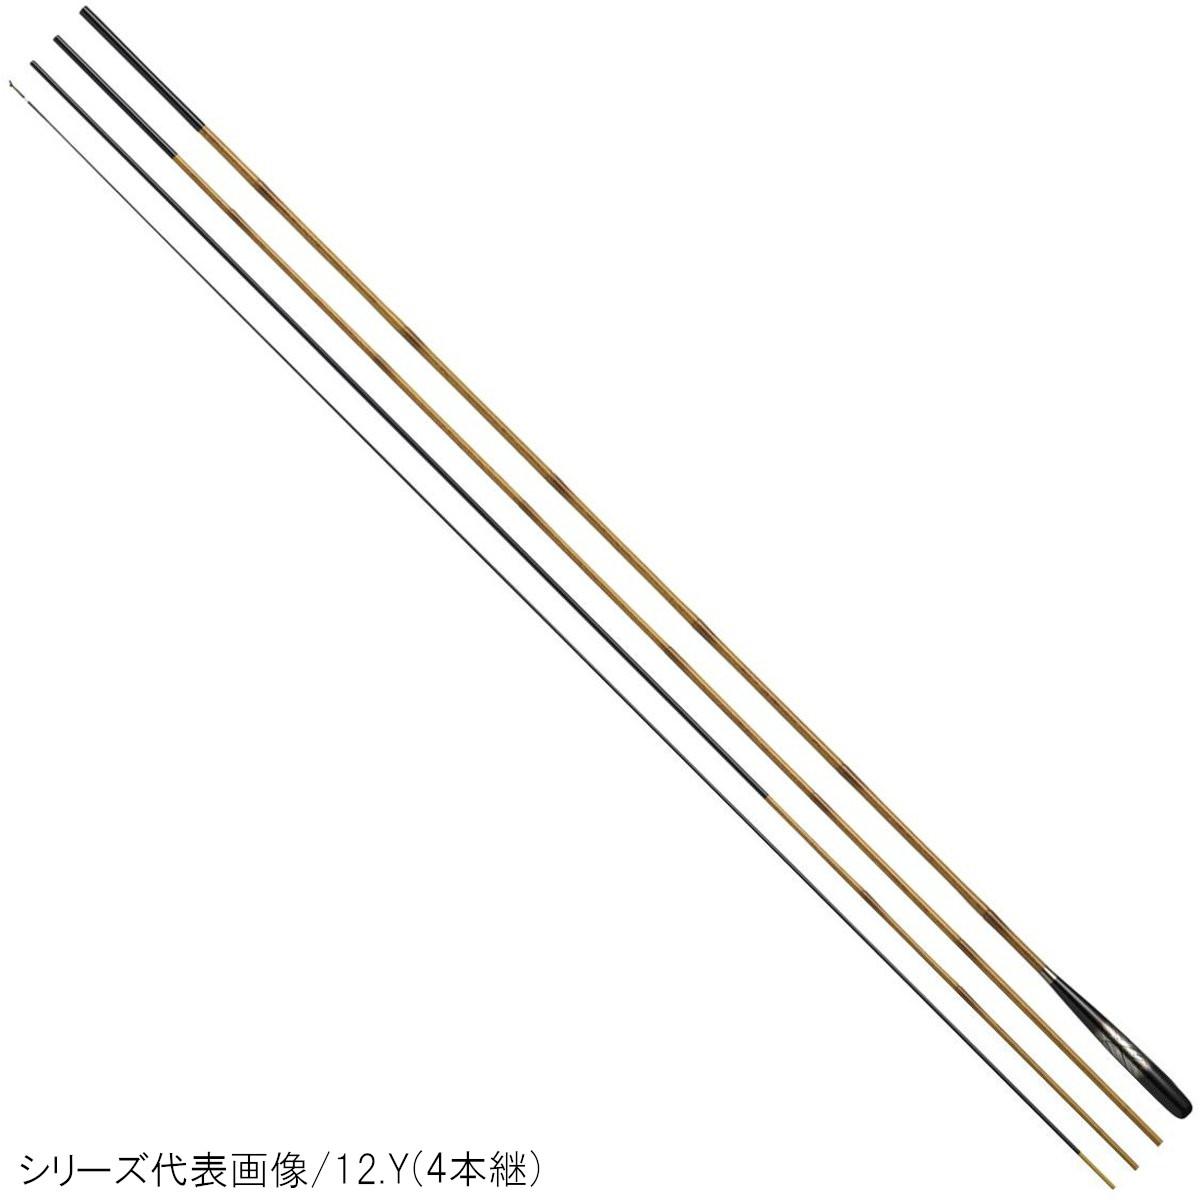 ダイワ 玄むく 10・Y(東日本店)